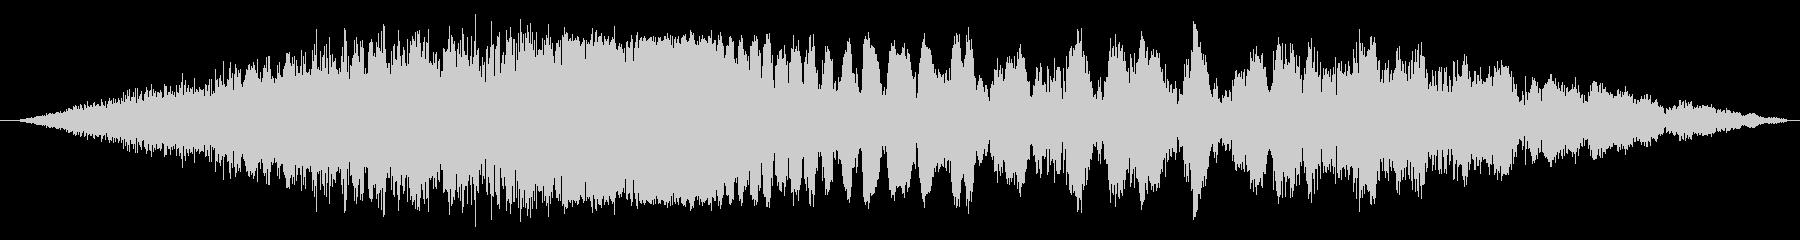 【F1】超ド迫力のF1エンジン効果音3!の未再生の波形